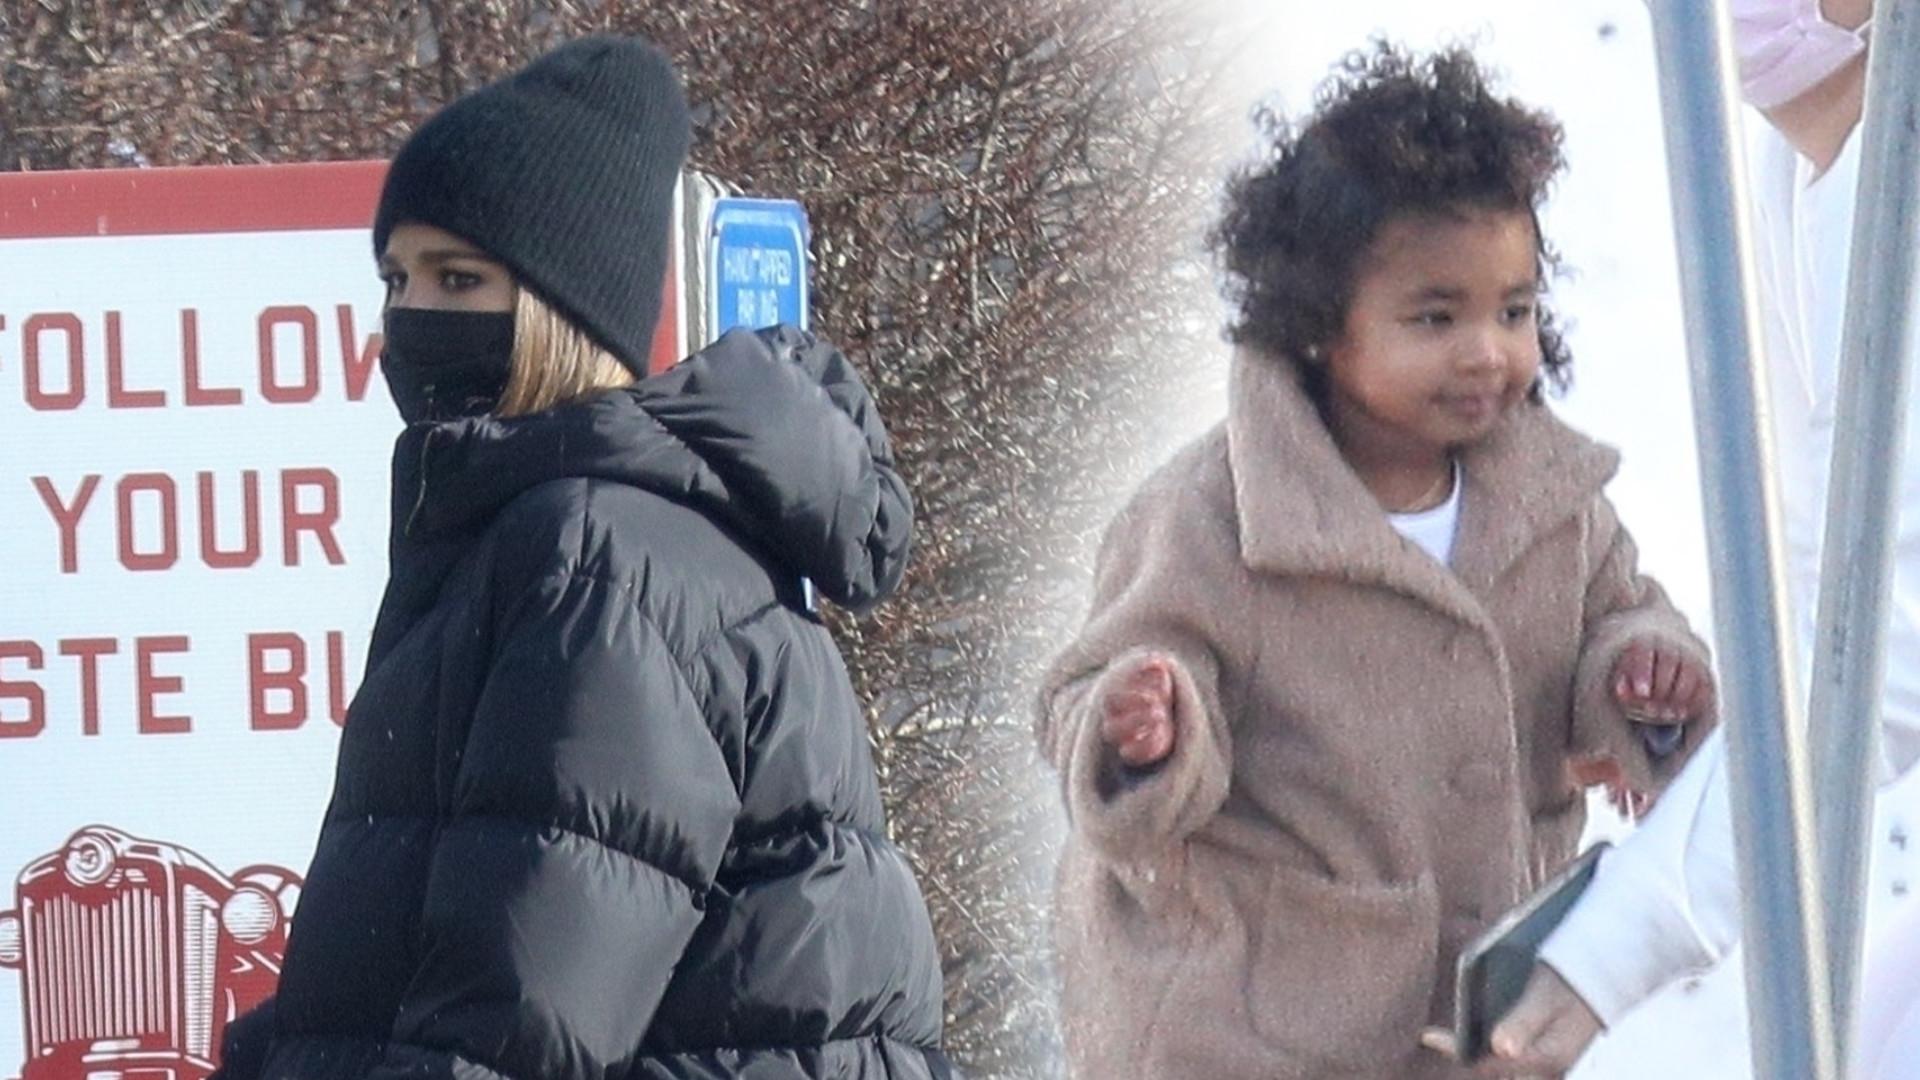 Khloe Kardashian z córką w Bostonie. Wszyscy patrzyli na jej DŁOŃ (ZDJĘCIA)